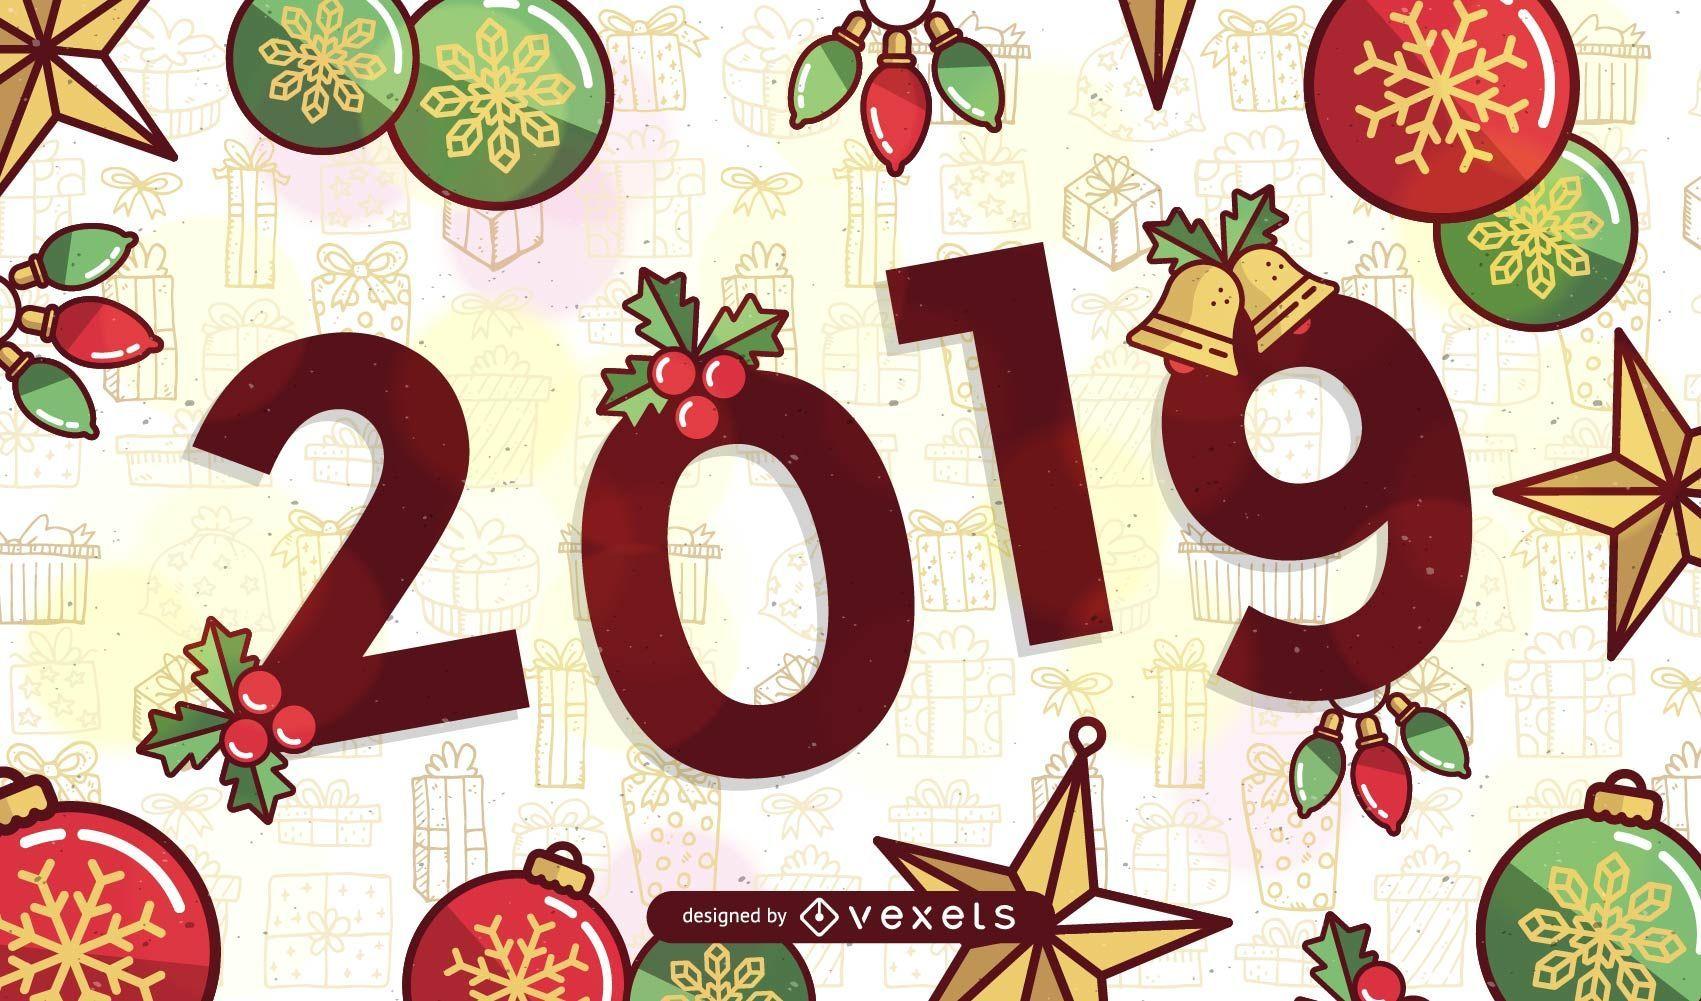 2019 Christmas.2019 Christmas Design Vector Download